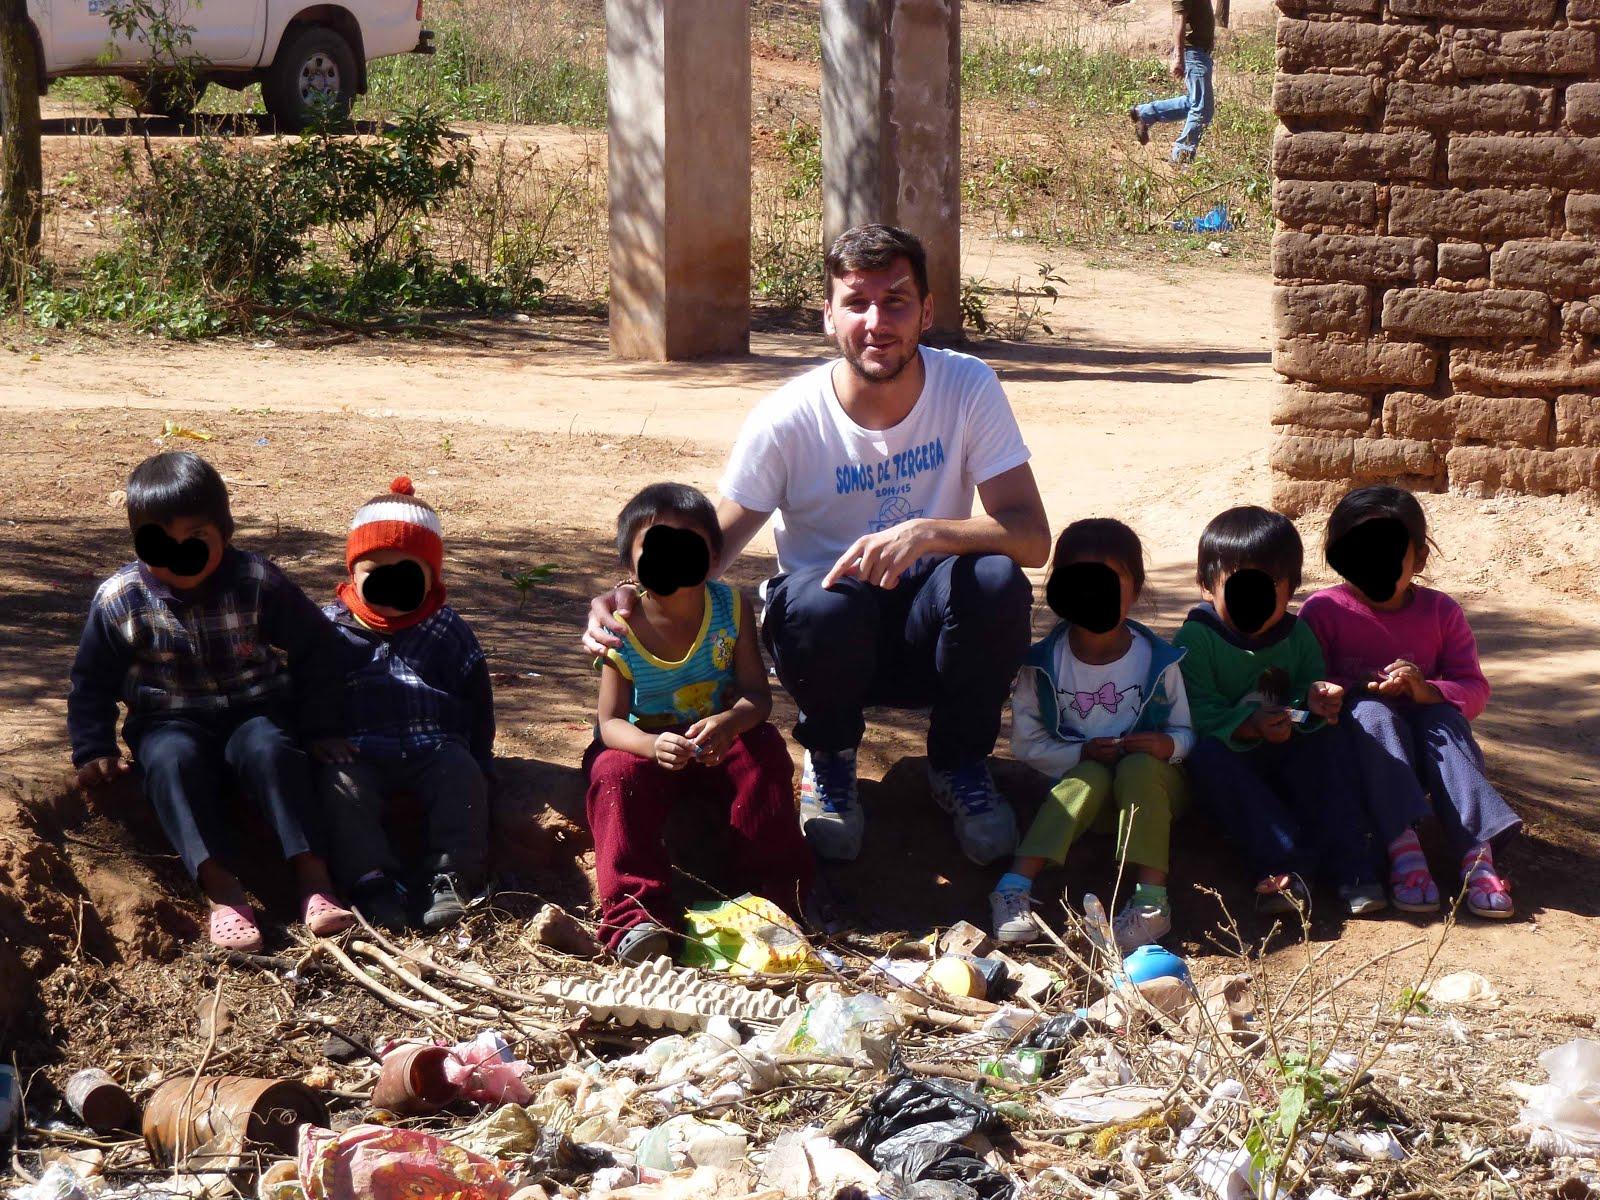 NUESTRO COOPERANTE EN BOLIVIA